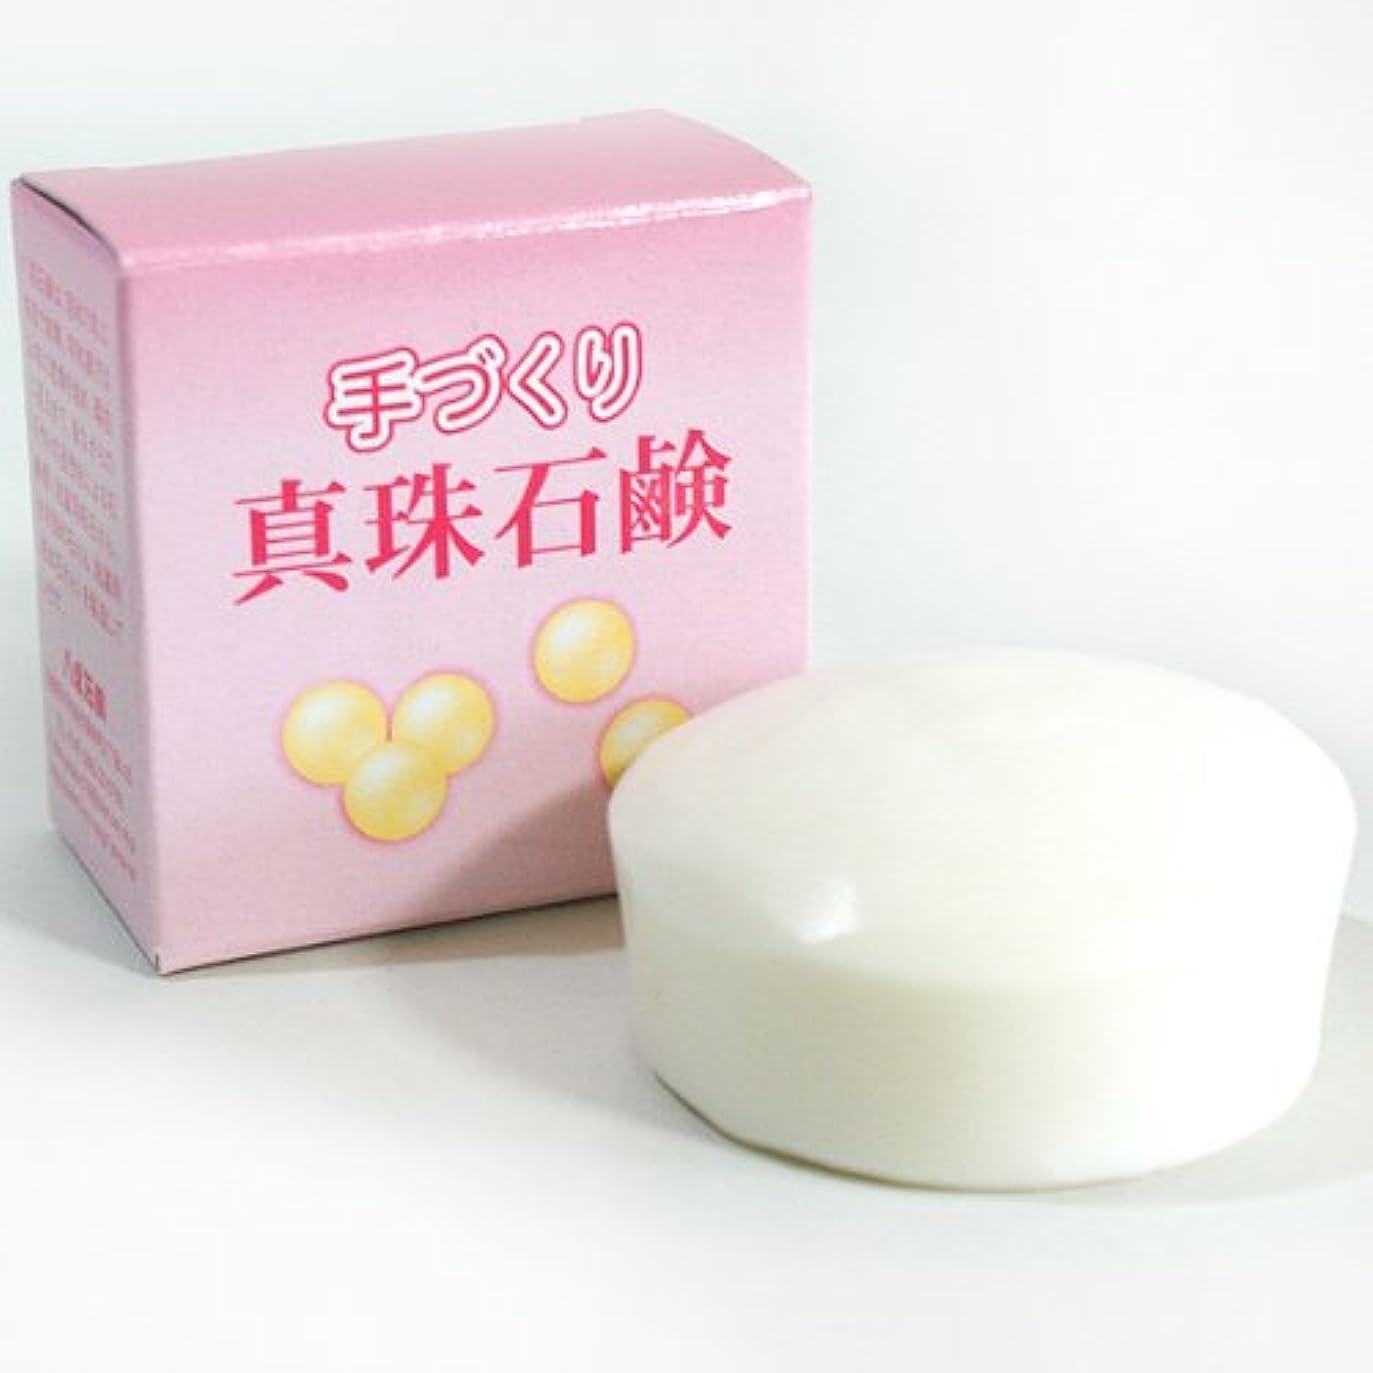 月人道的果てしない八坂石鹸 手作り石けん 真珠60g(箱入り)